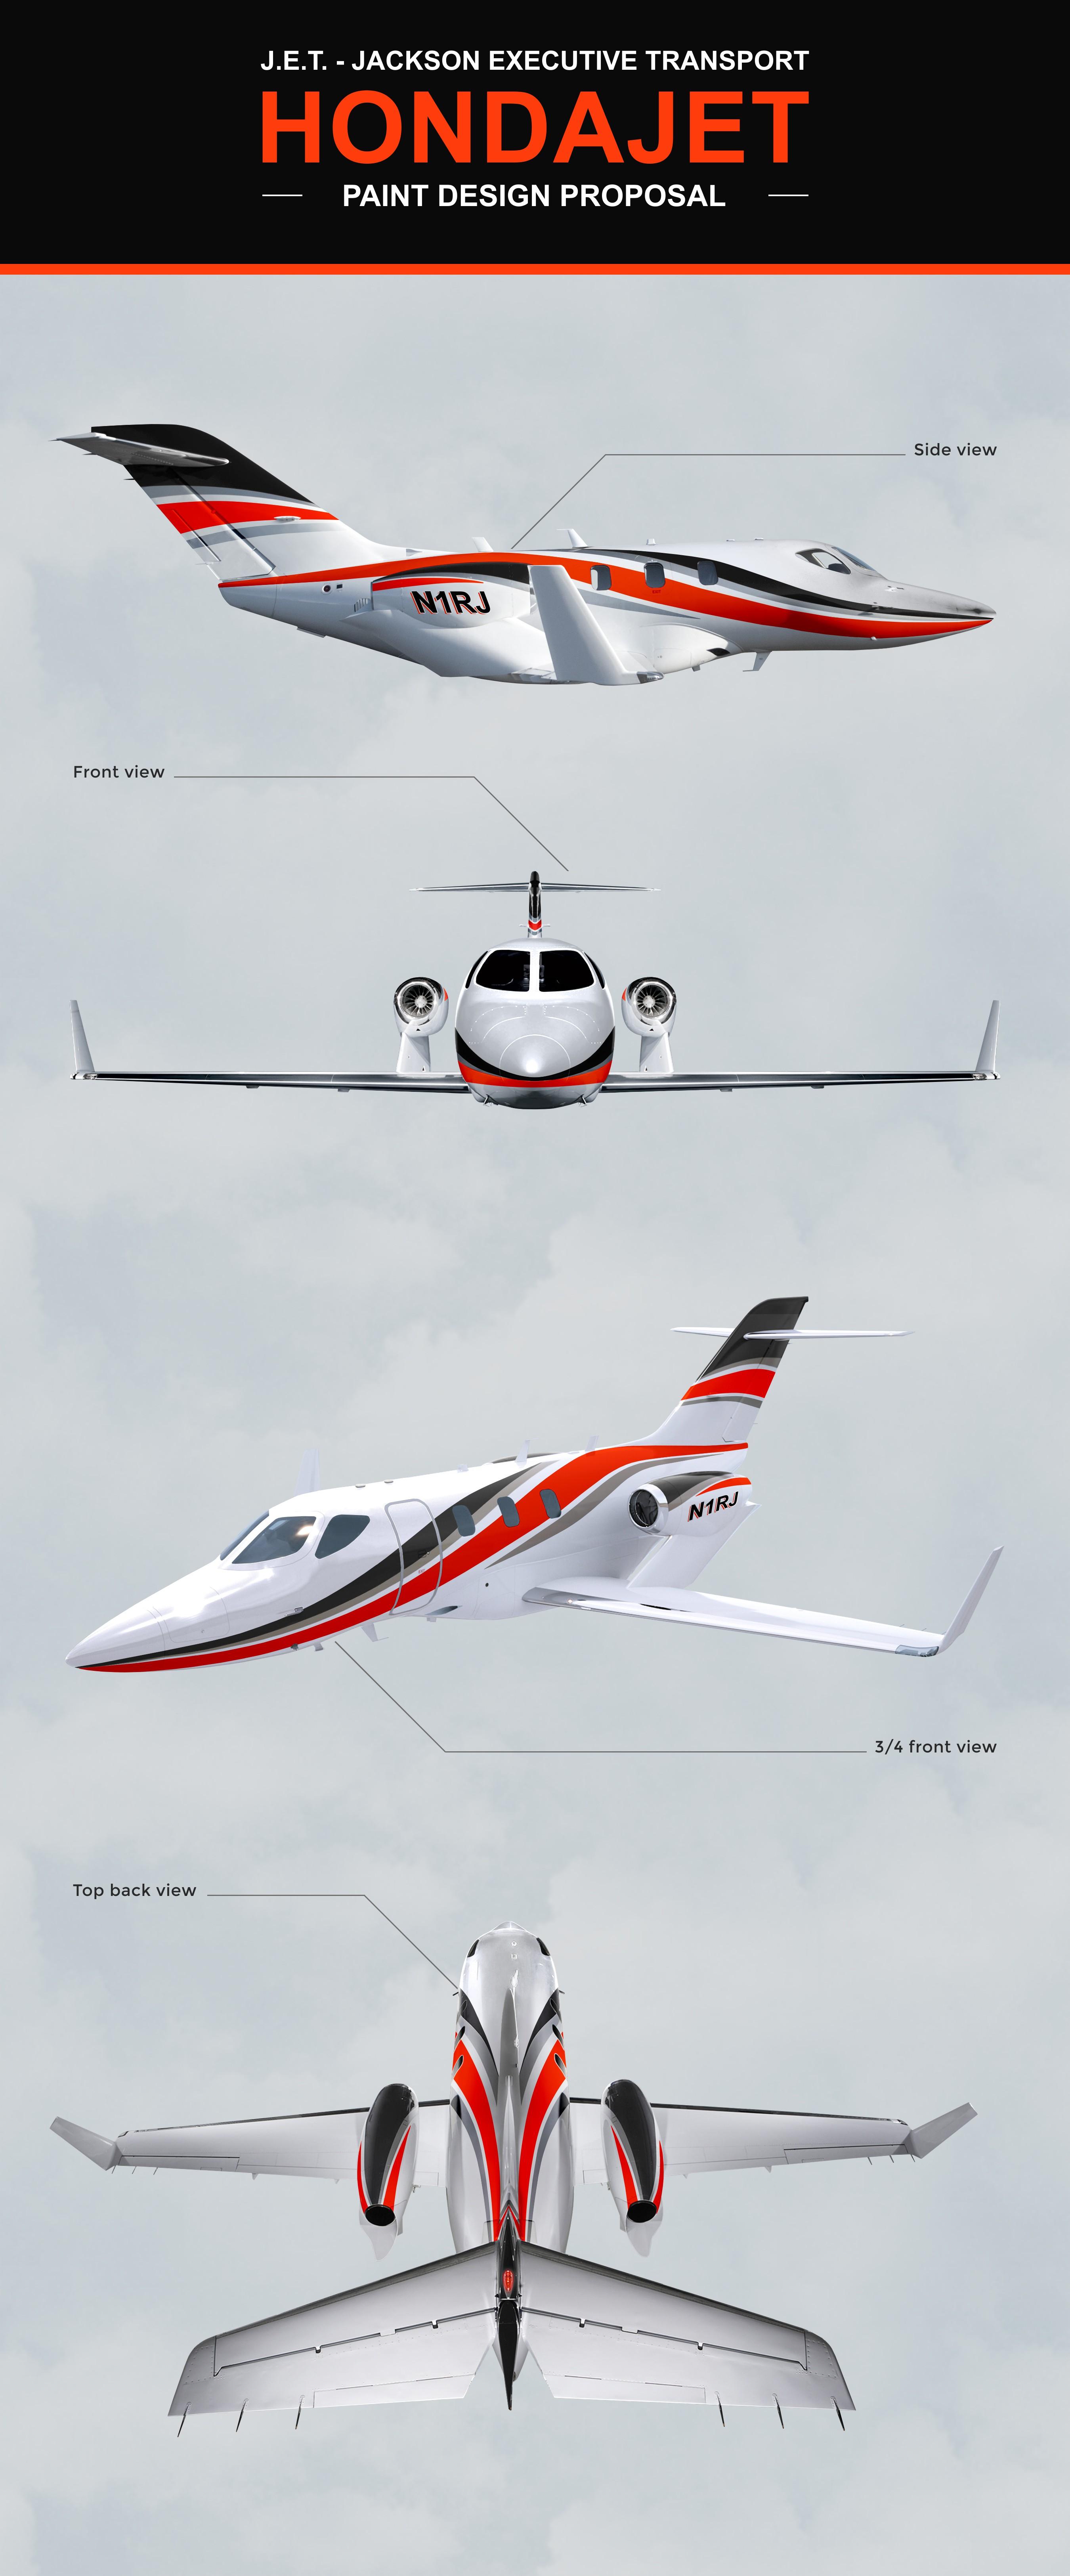 Design a Paint Scheme for a Honda Private Jet